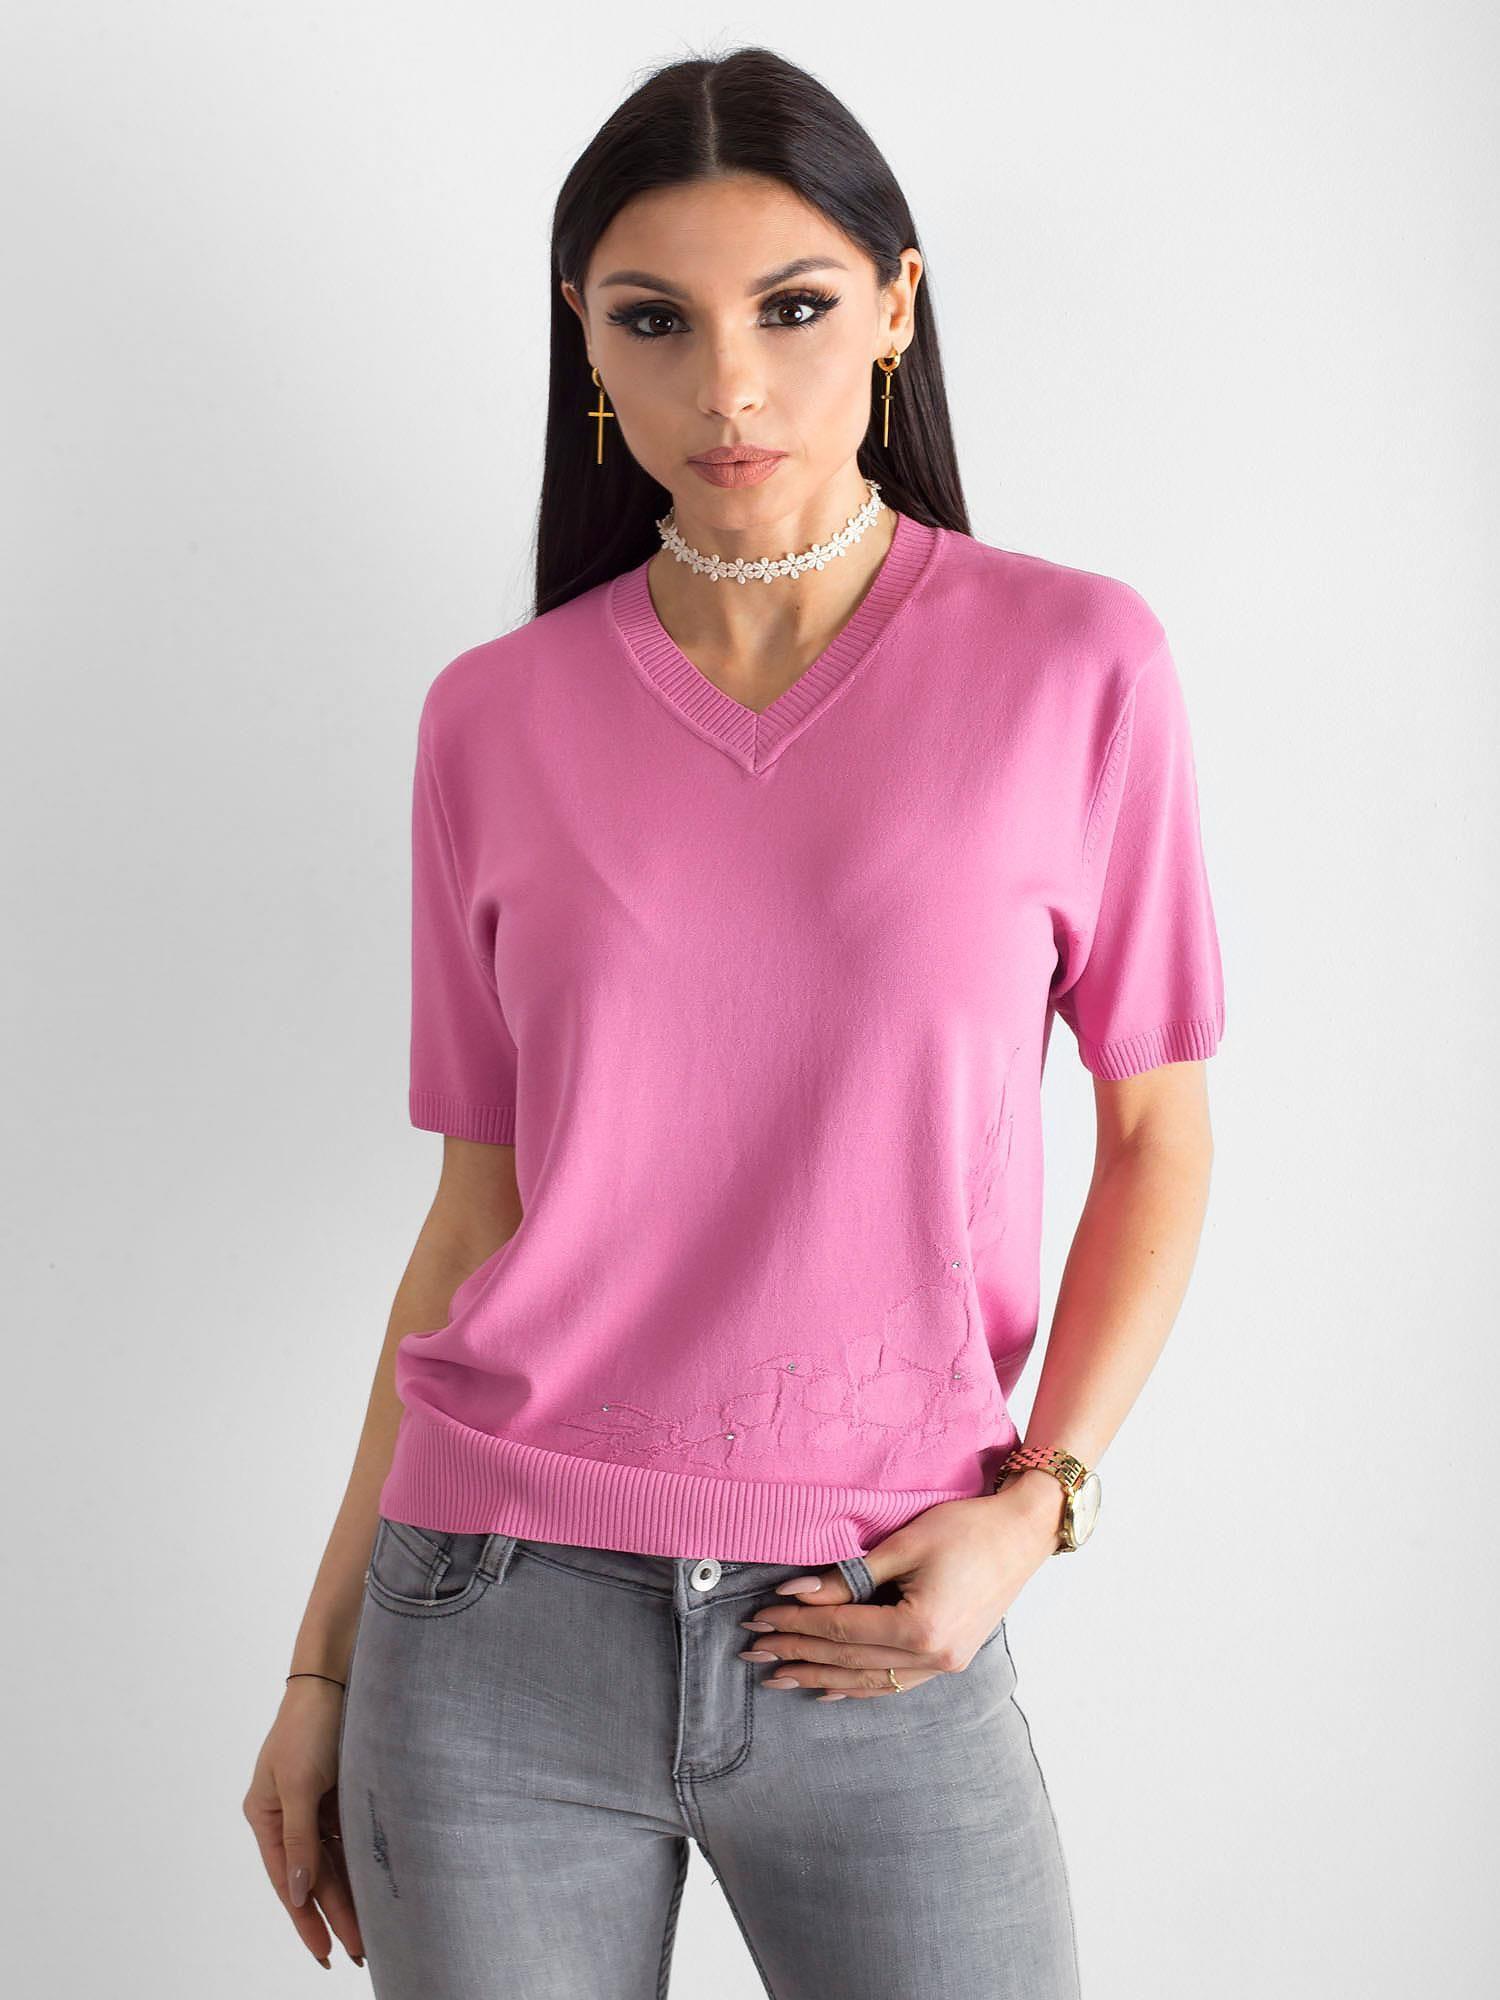 74dc35334d01b5 Różowa bluzka V-neck - Bluzka na co dzień - sklep eButik.pl